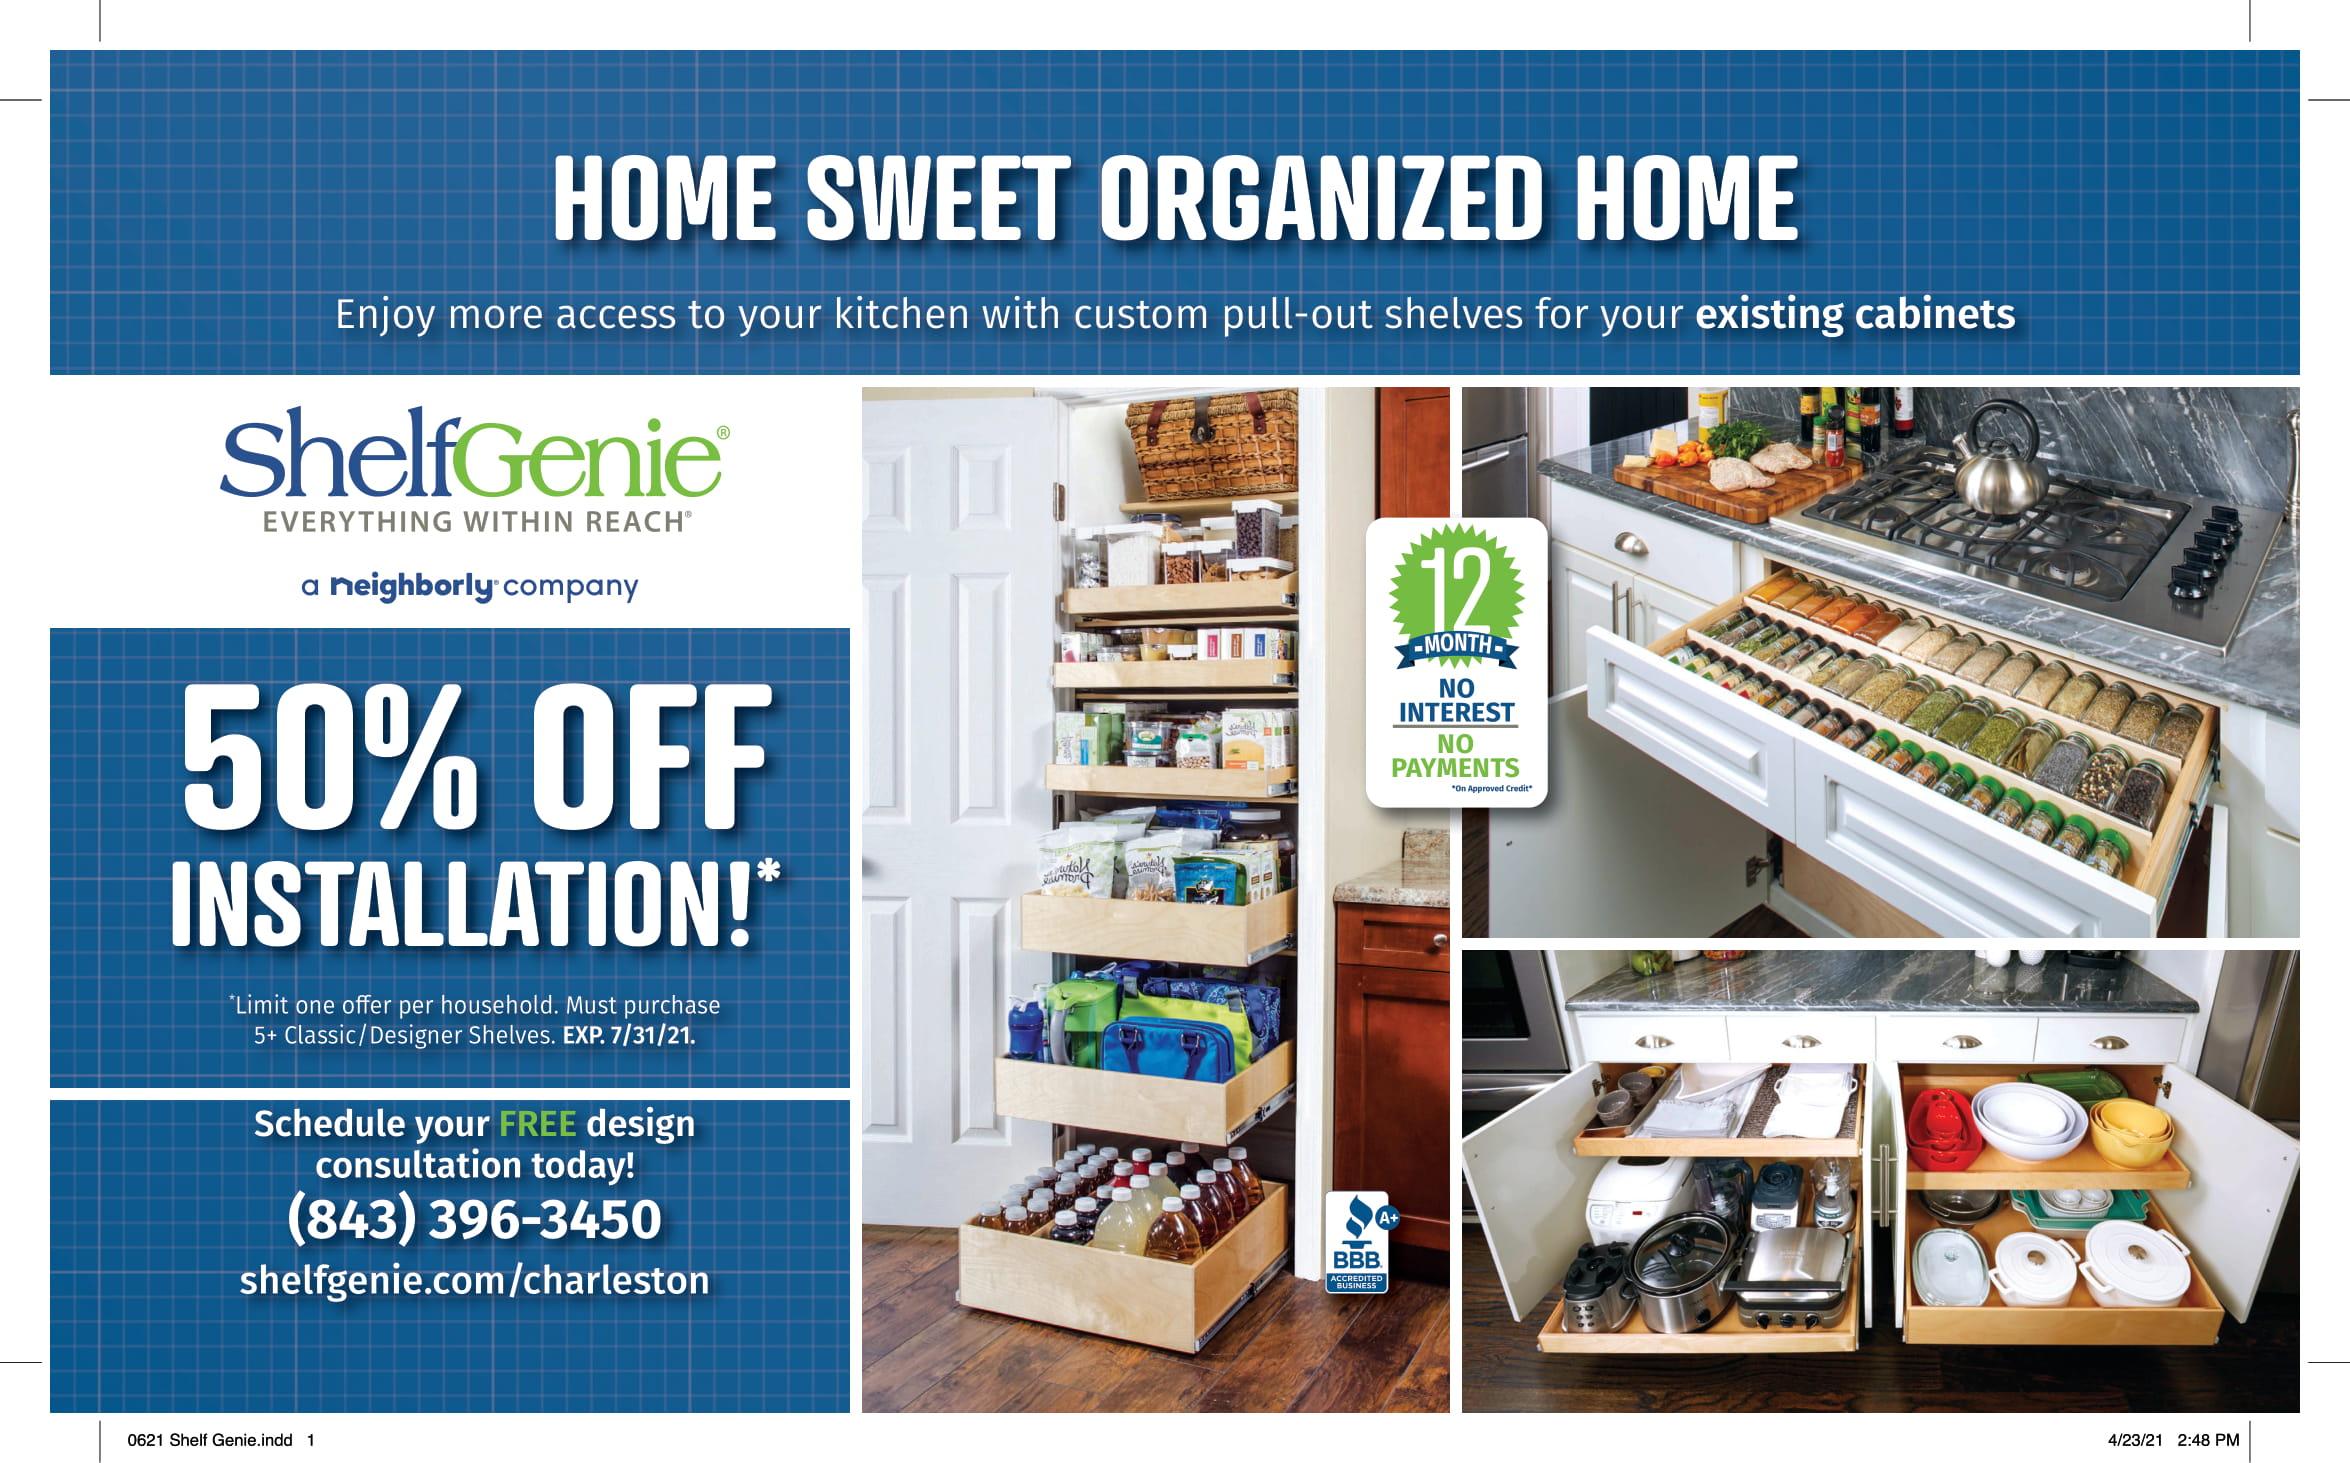 0621 Shelf Genie 1